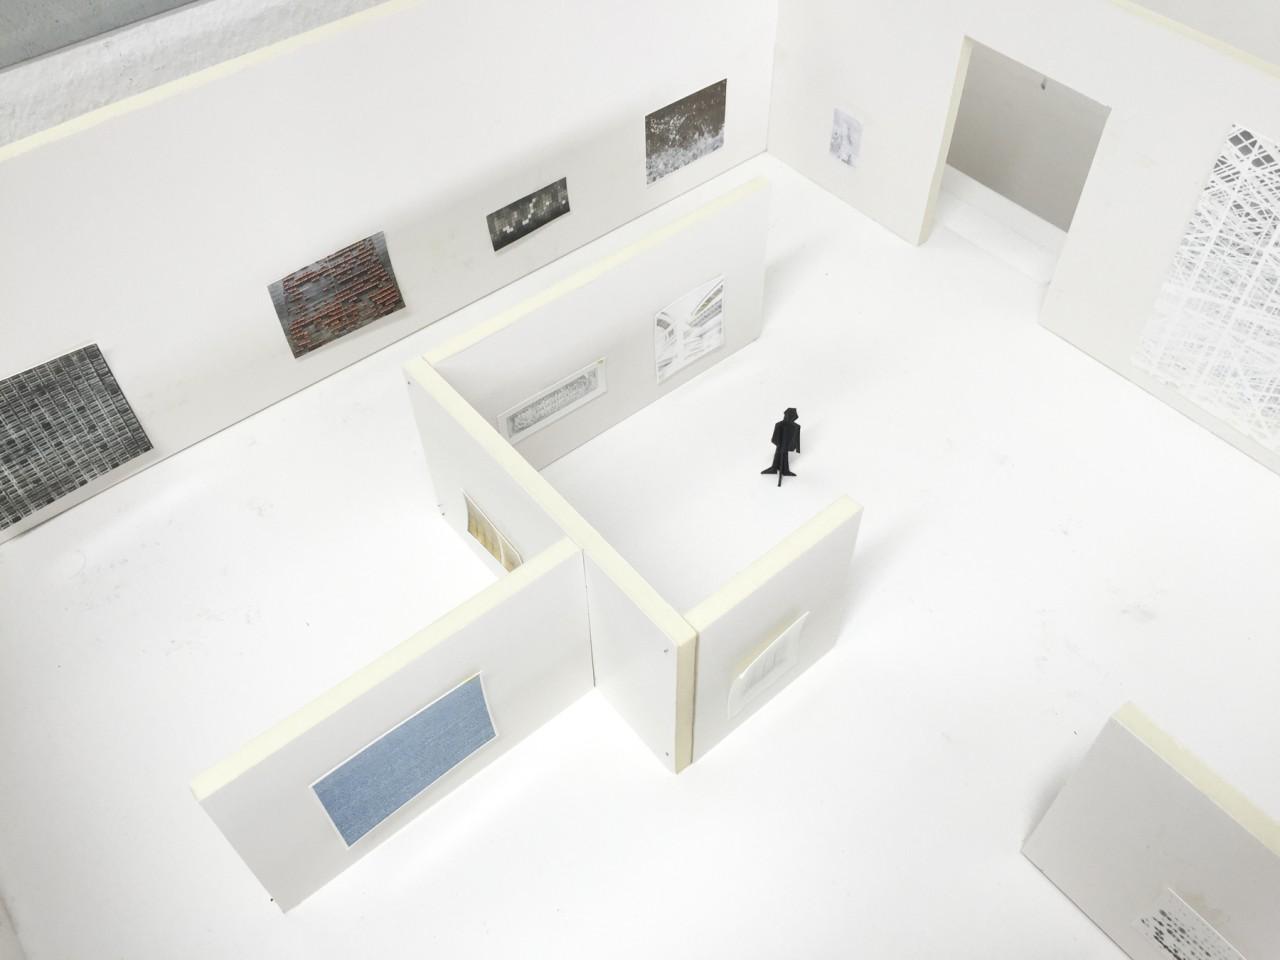 Andreas Gefeller Studio